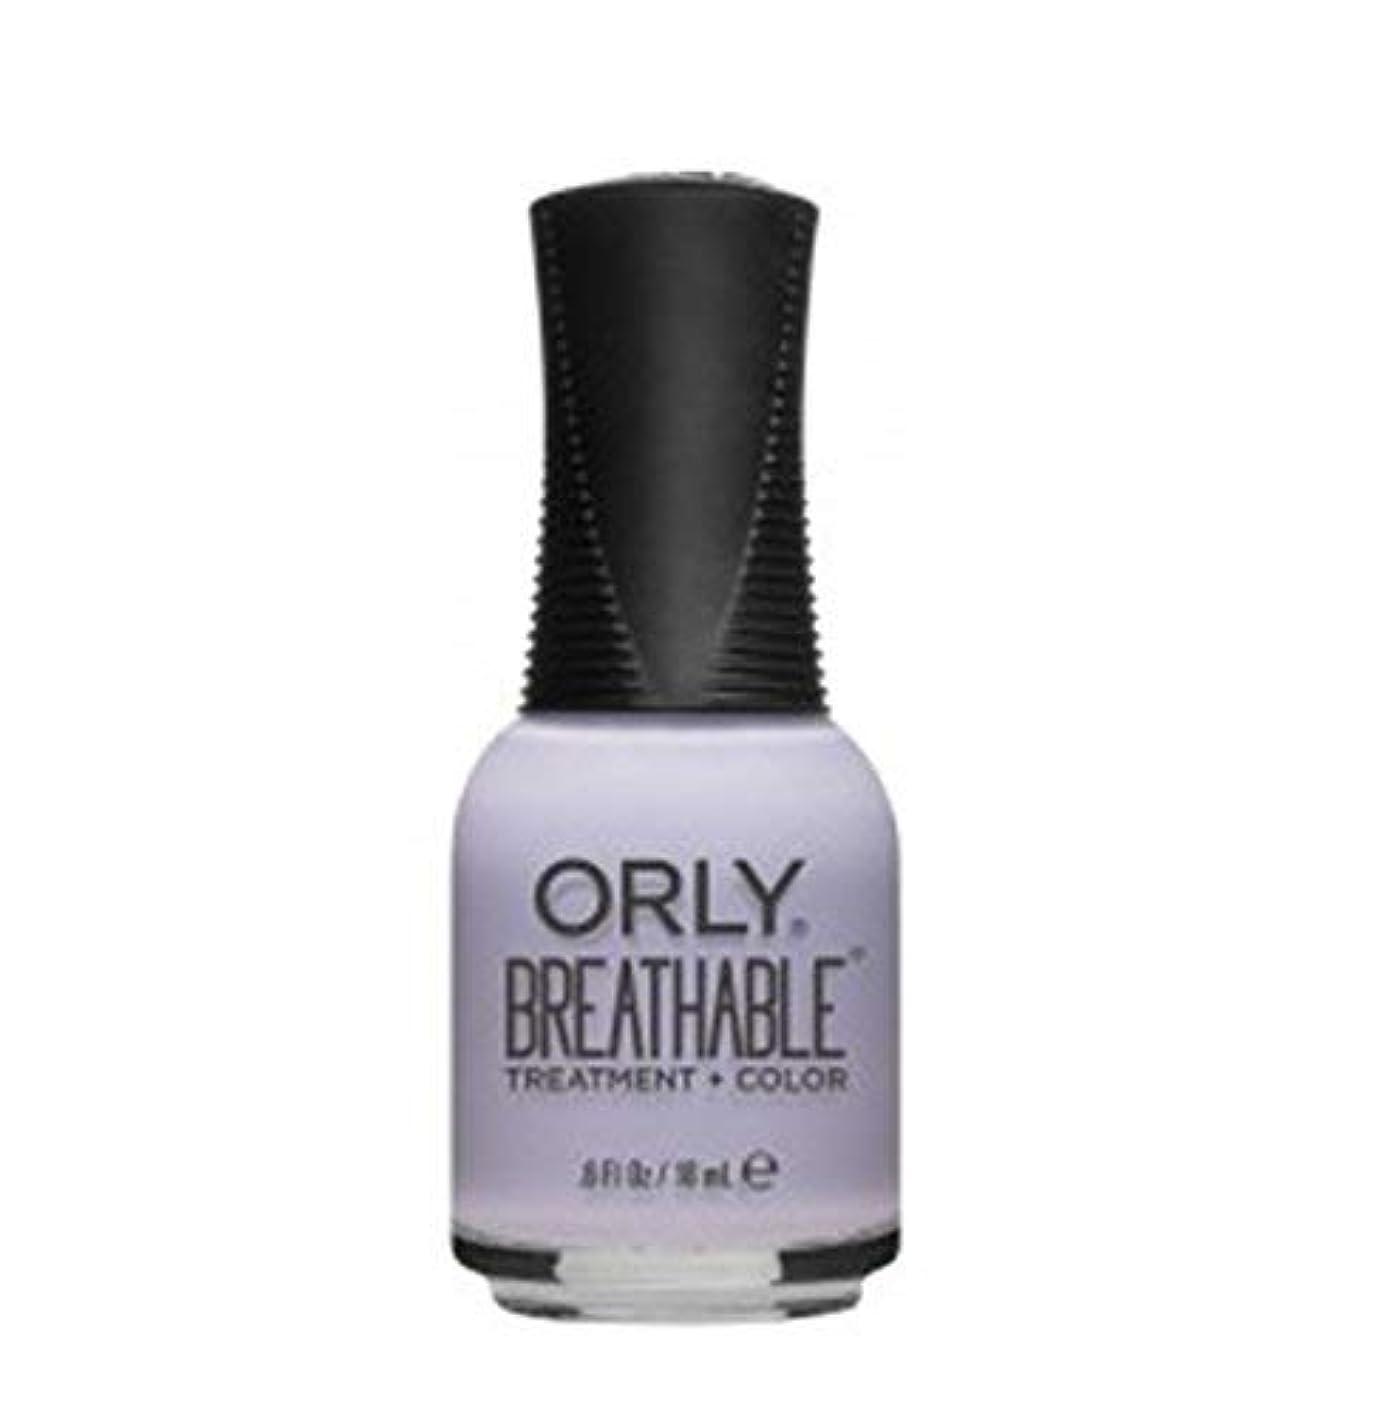 むしゃむしゃマッシュ落ち着かないORLY Breathable Lacquer - Treatment+Color - Patience and Peace - 18 ml/0.6 oz